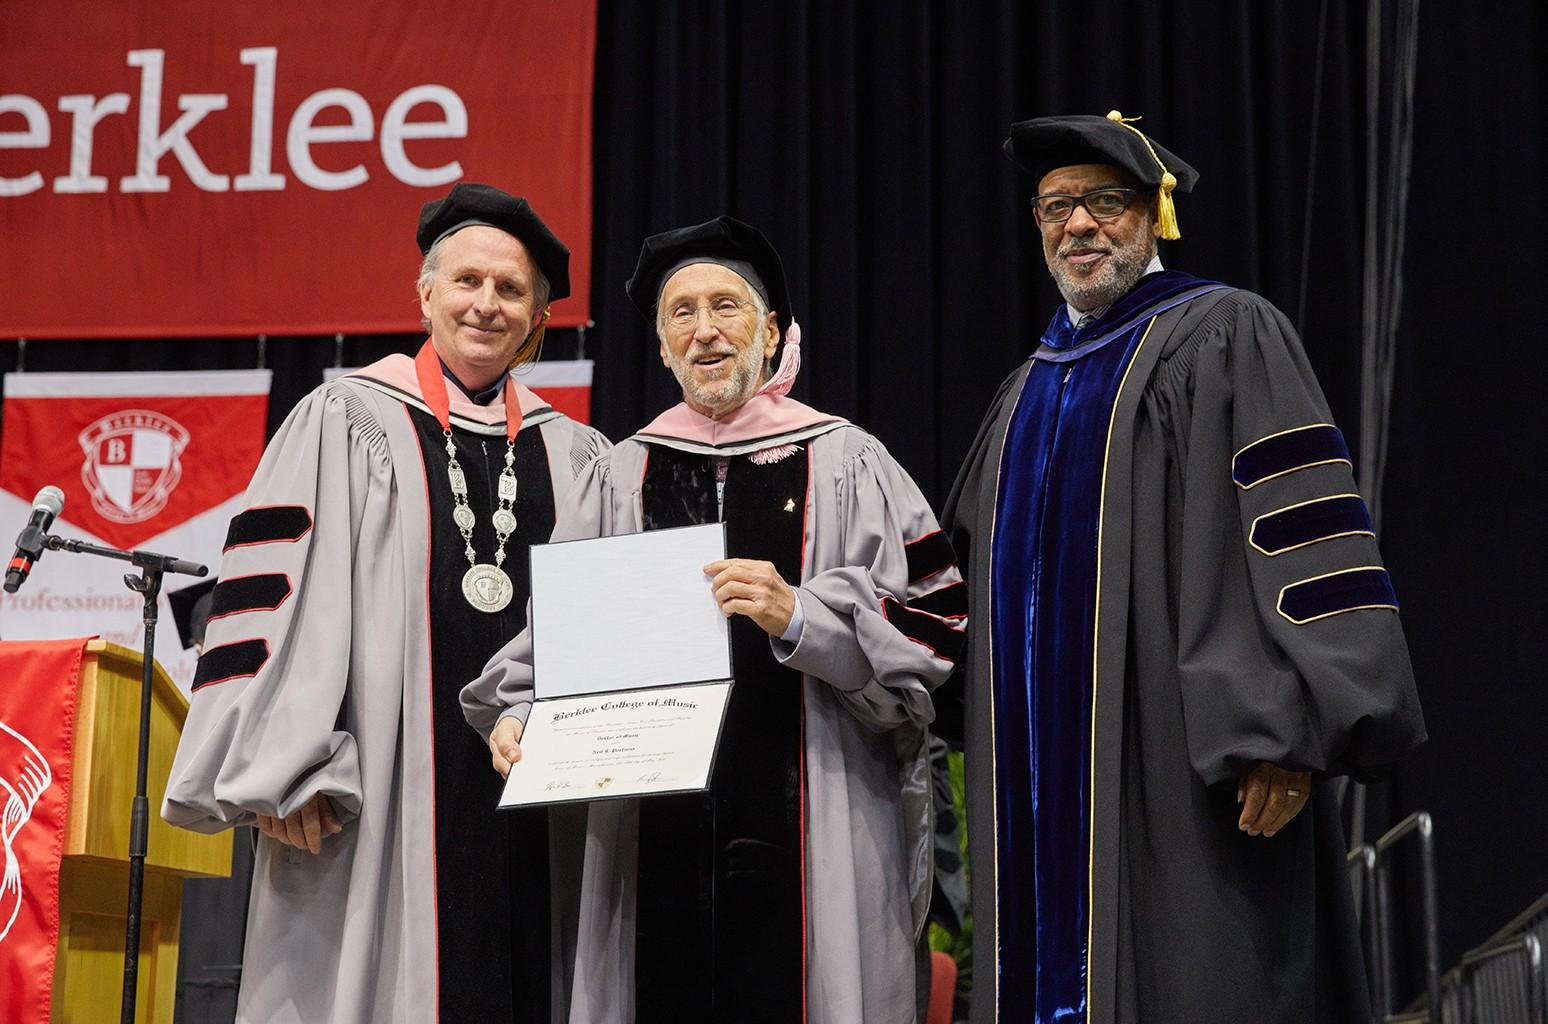 Berklee president Roger H. Brown, Neil Portnow amd Larry Simpson, Berklee's senior vice president for academic affairs/provost.